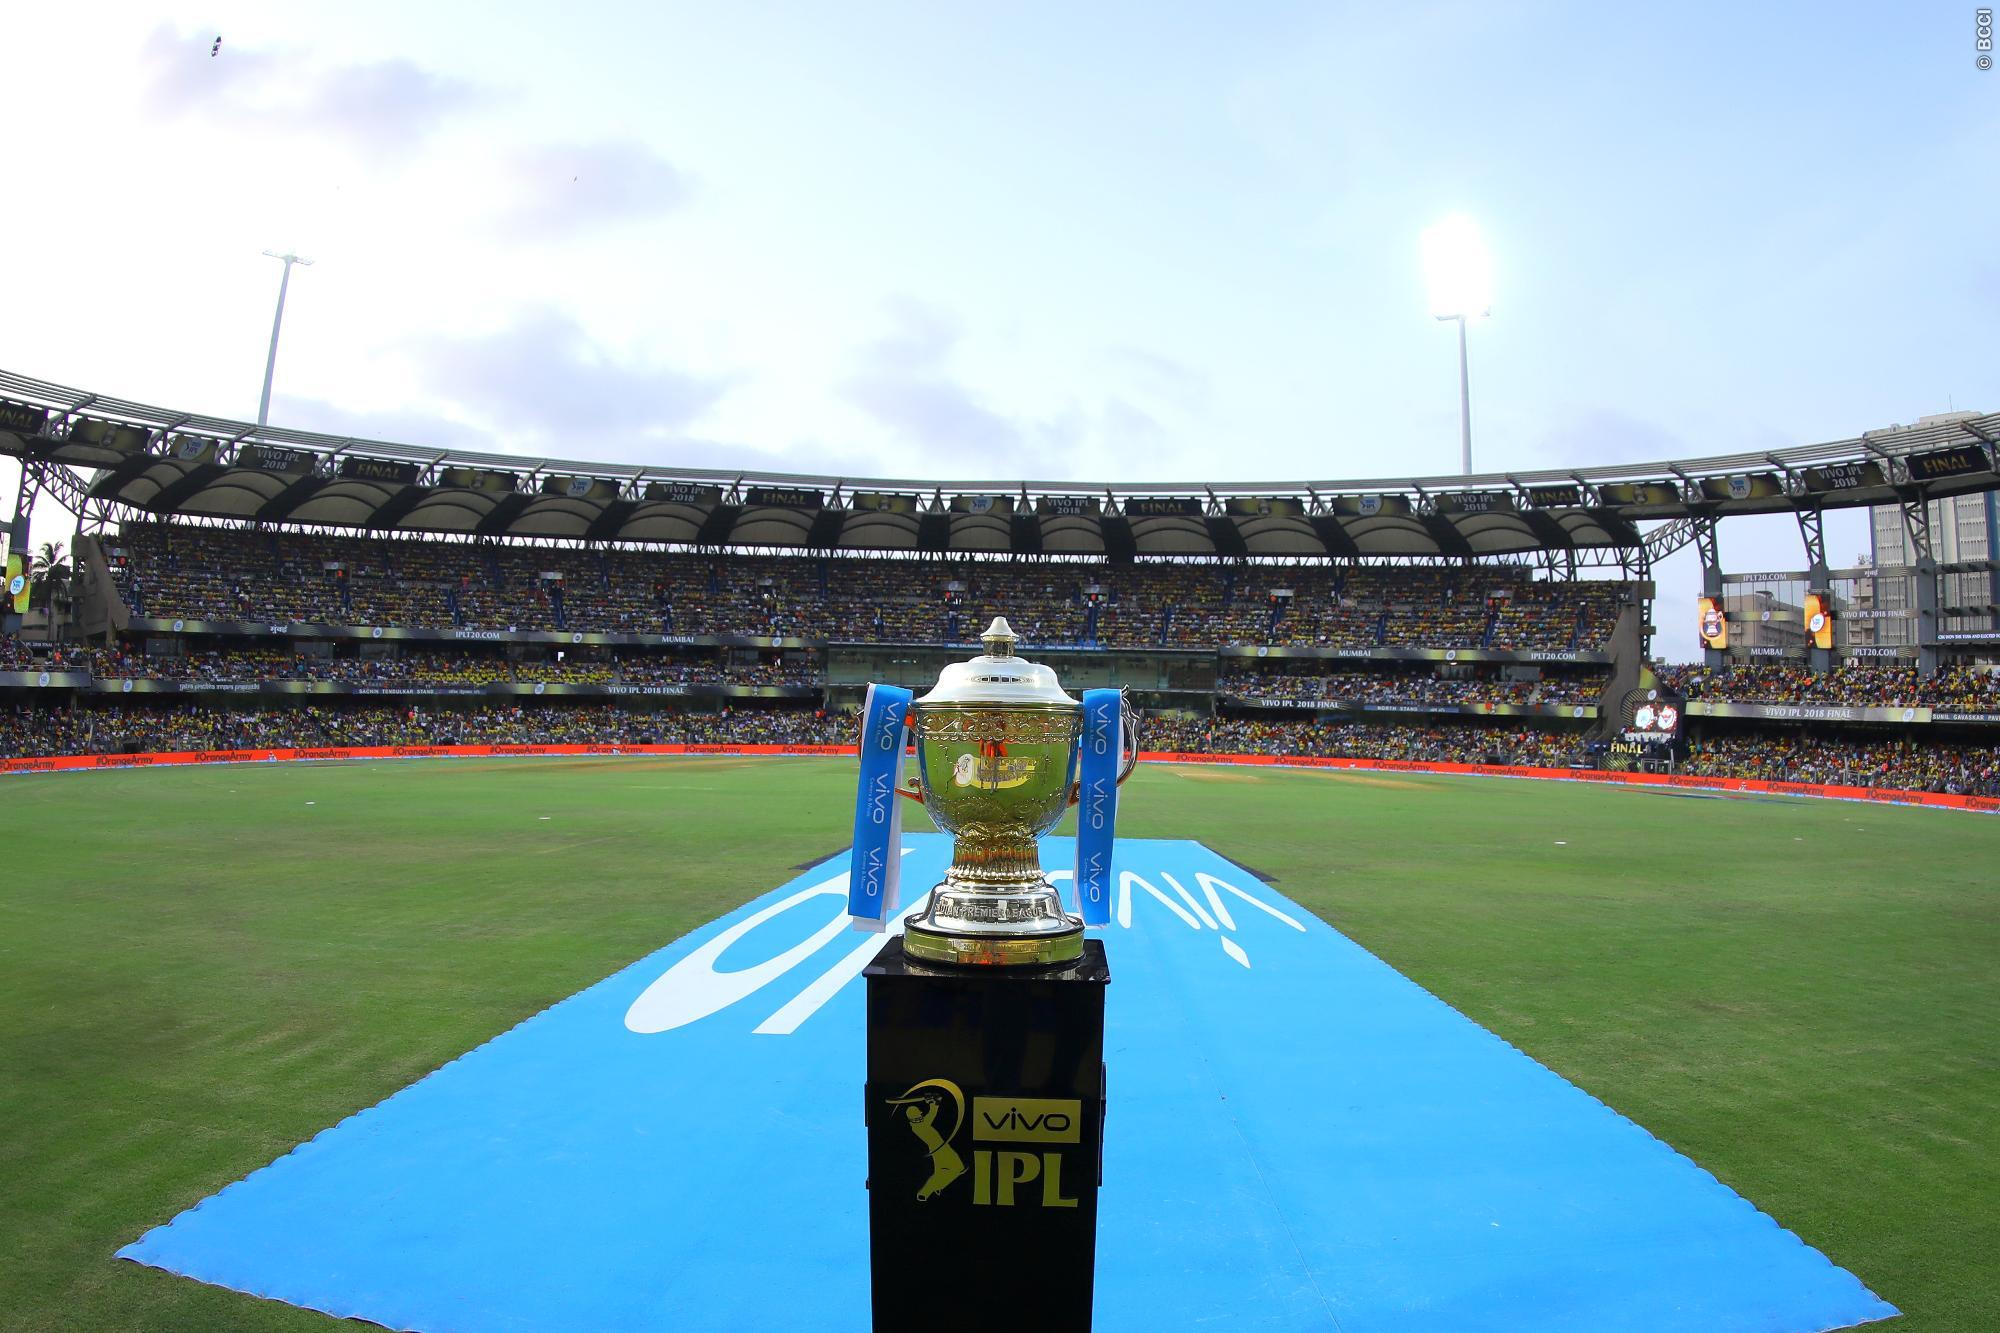 आईपीएल 2020: 15 अप्रैल तक नहीं आए विदेशी खिलाड़ी तो ऐसी दिखेंगी सभी टीम 8